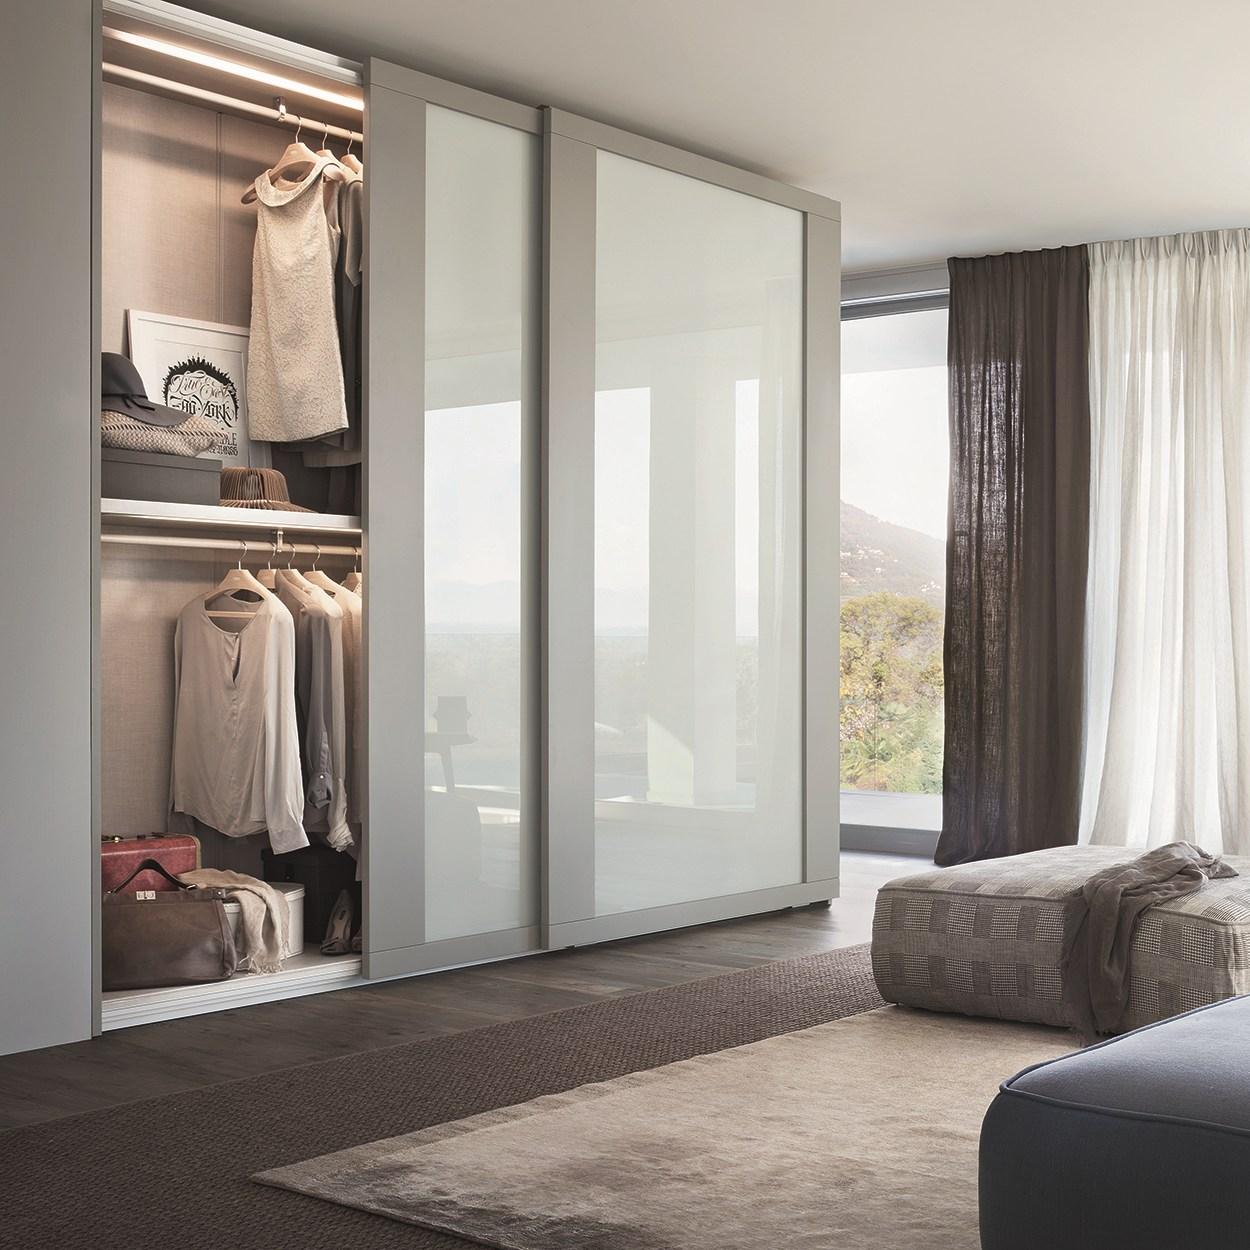 Шкаф-купе внутри в спальню с размерами (58 фото): внутреннее наполнение и дизайн угловой модели в 2 и 3 метра